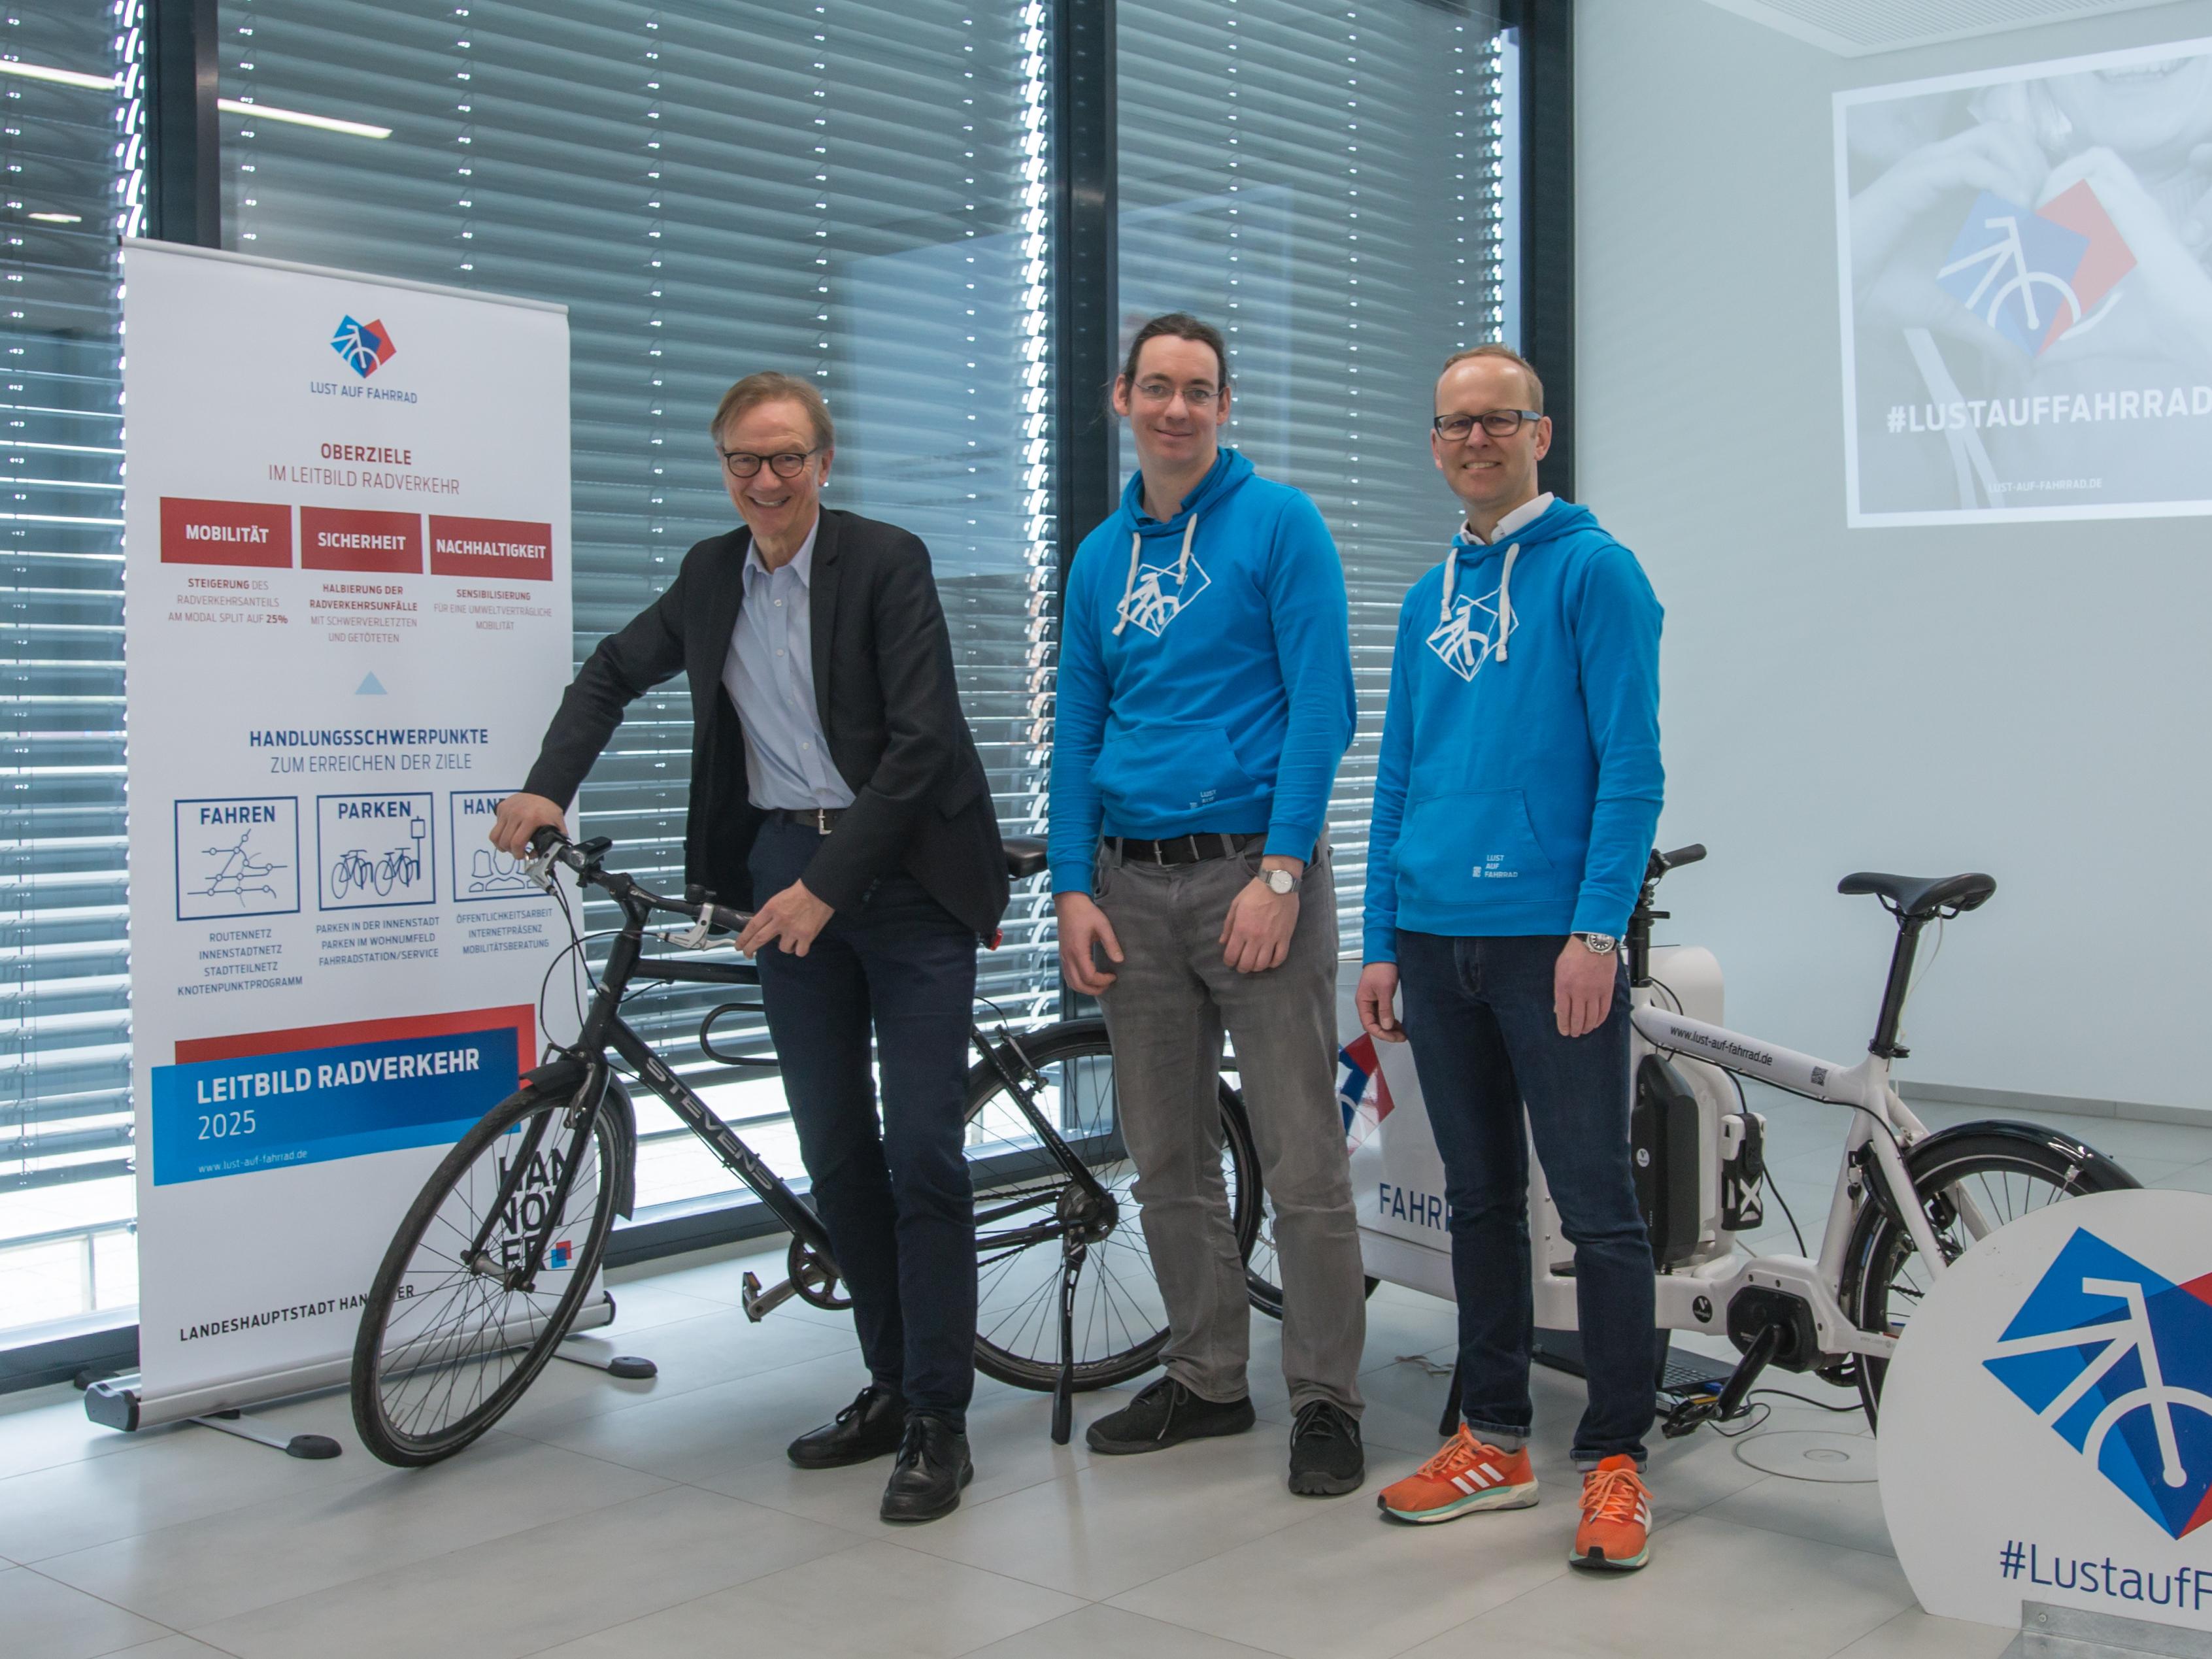 Drei Männer mit einem Fahrrad in einem Saal.